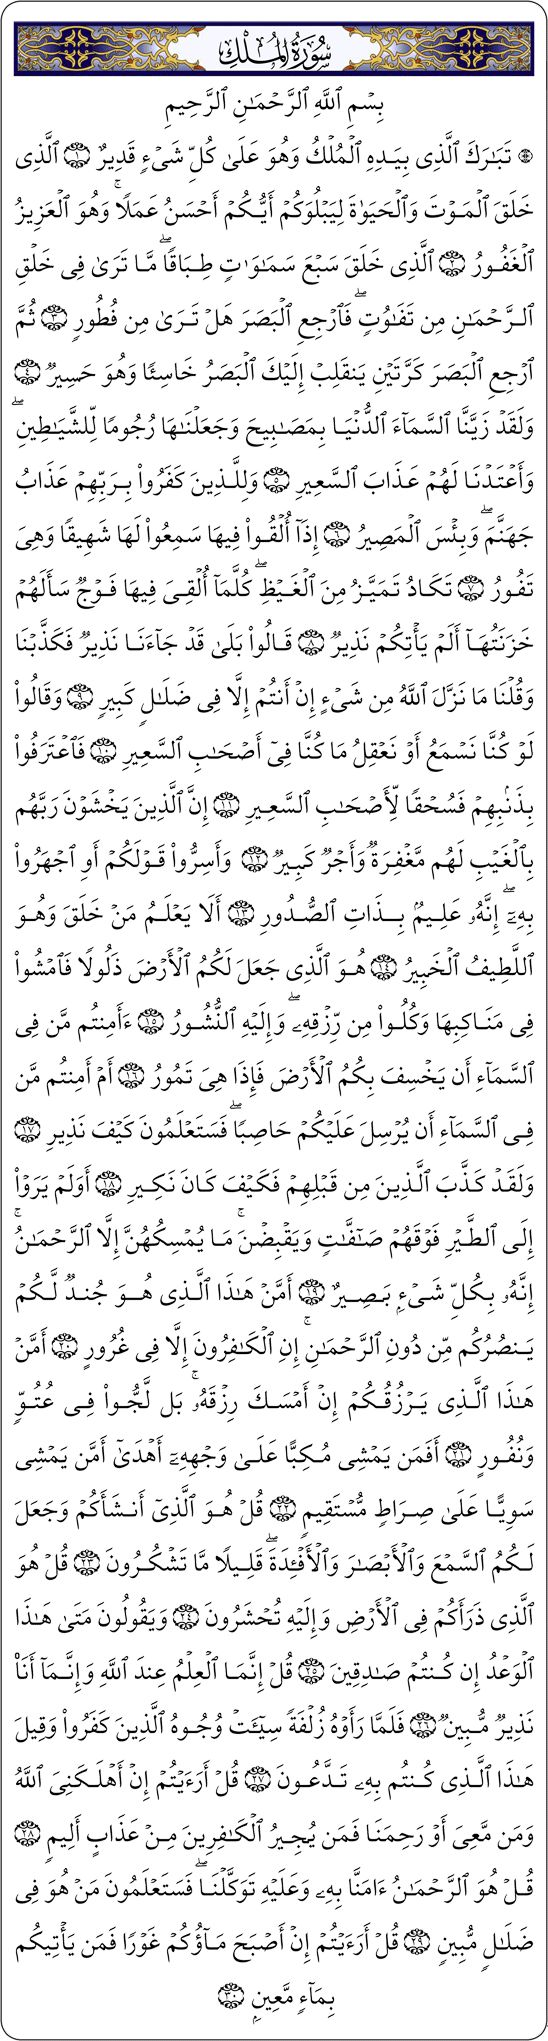 سورة الملك☁️.. اقرؤها قبل النوم كل يوم تنجي من عذاب ألقبر ..✨